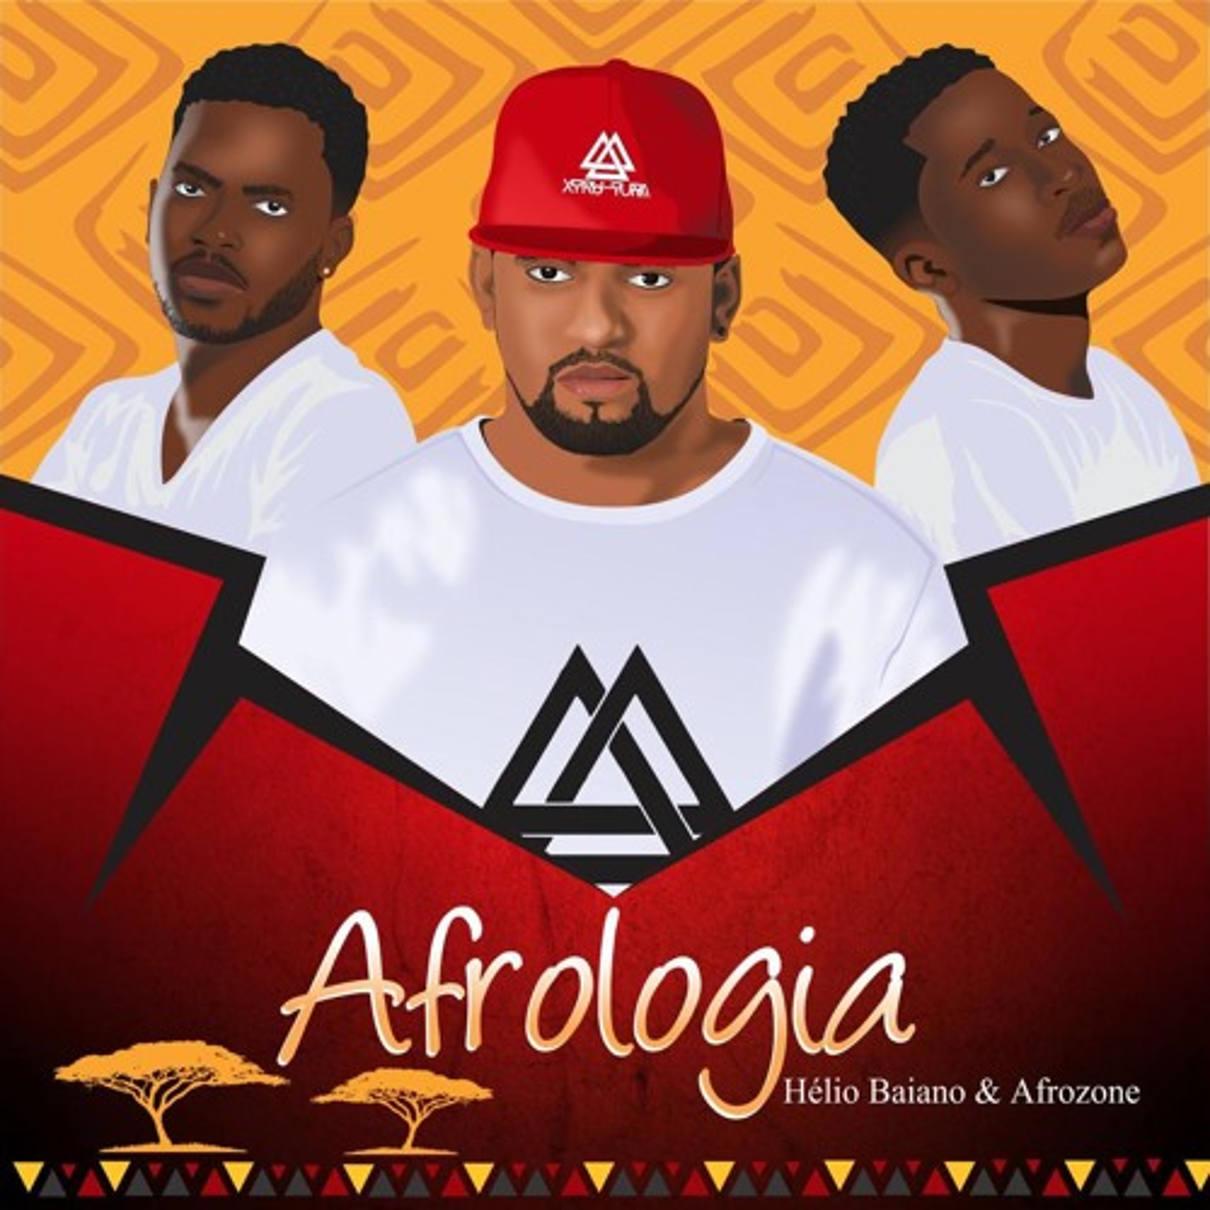 Resultado de imagem para Dj Helio Baiano & AfroZone - Afrologia